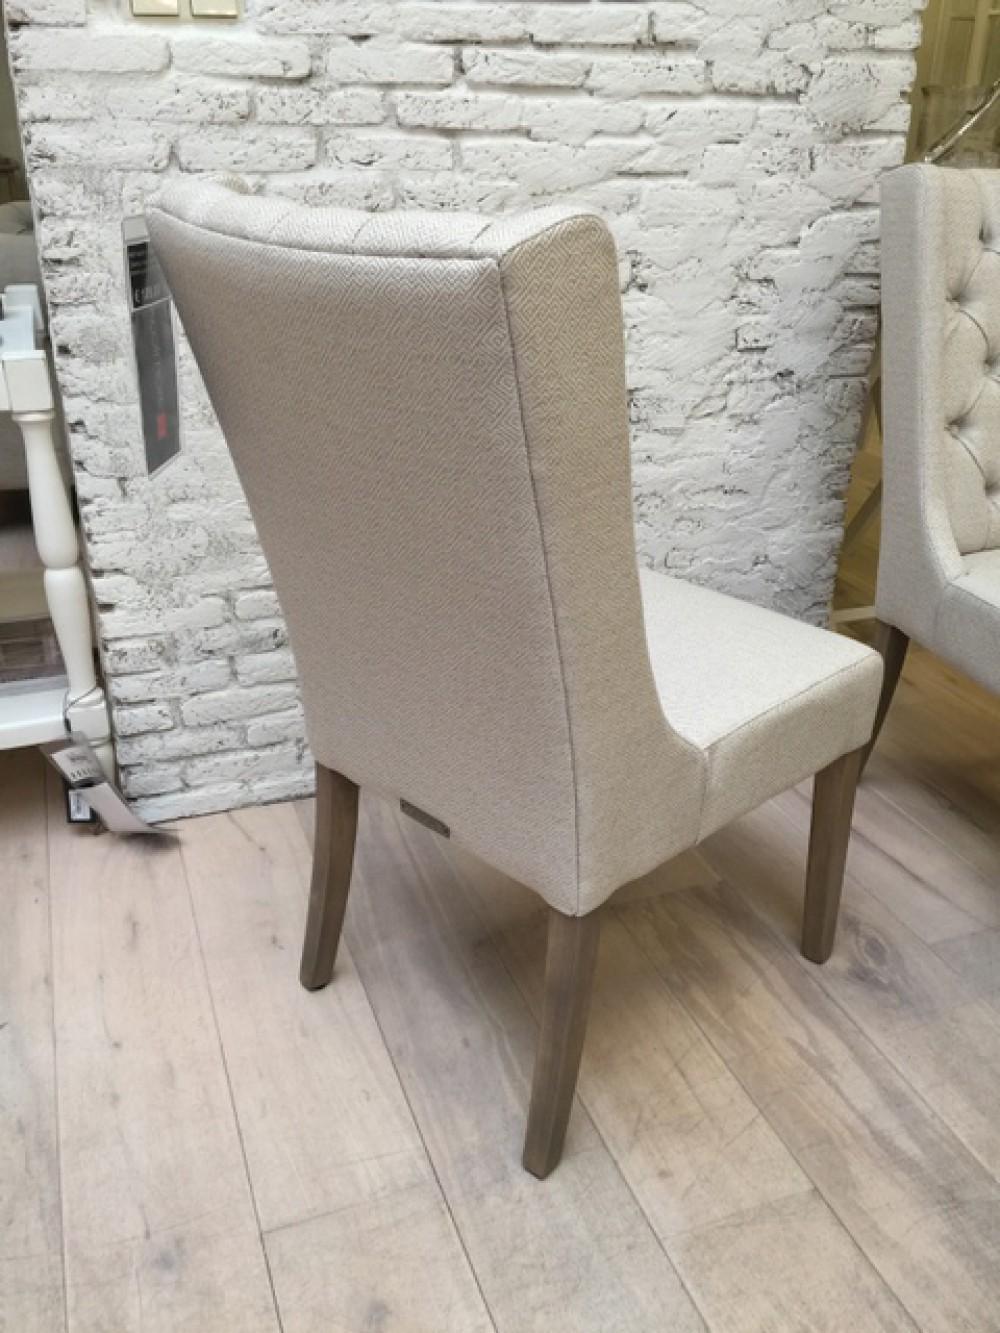 Stuhl gepolstert landhaus stuhl creme silber gepolstert for Stuhl gepolstert